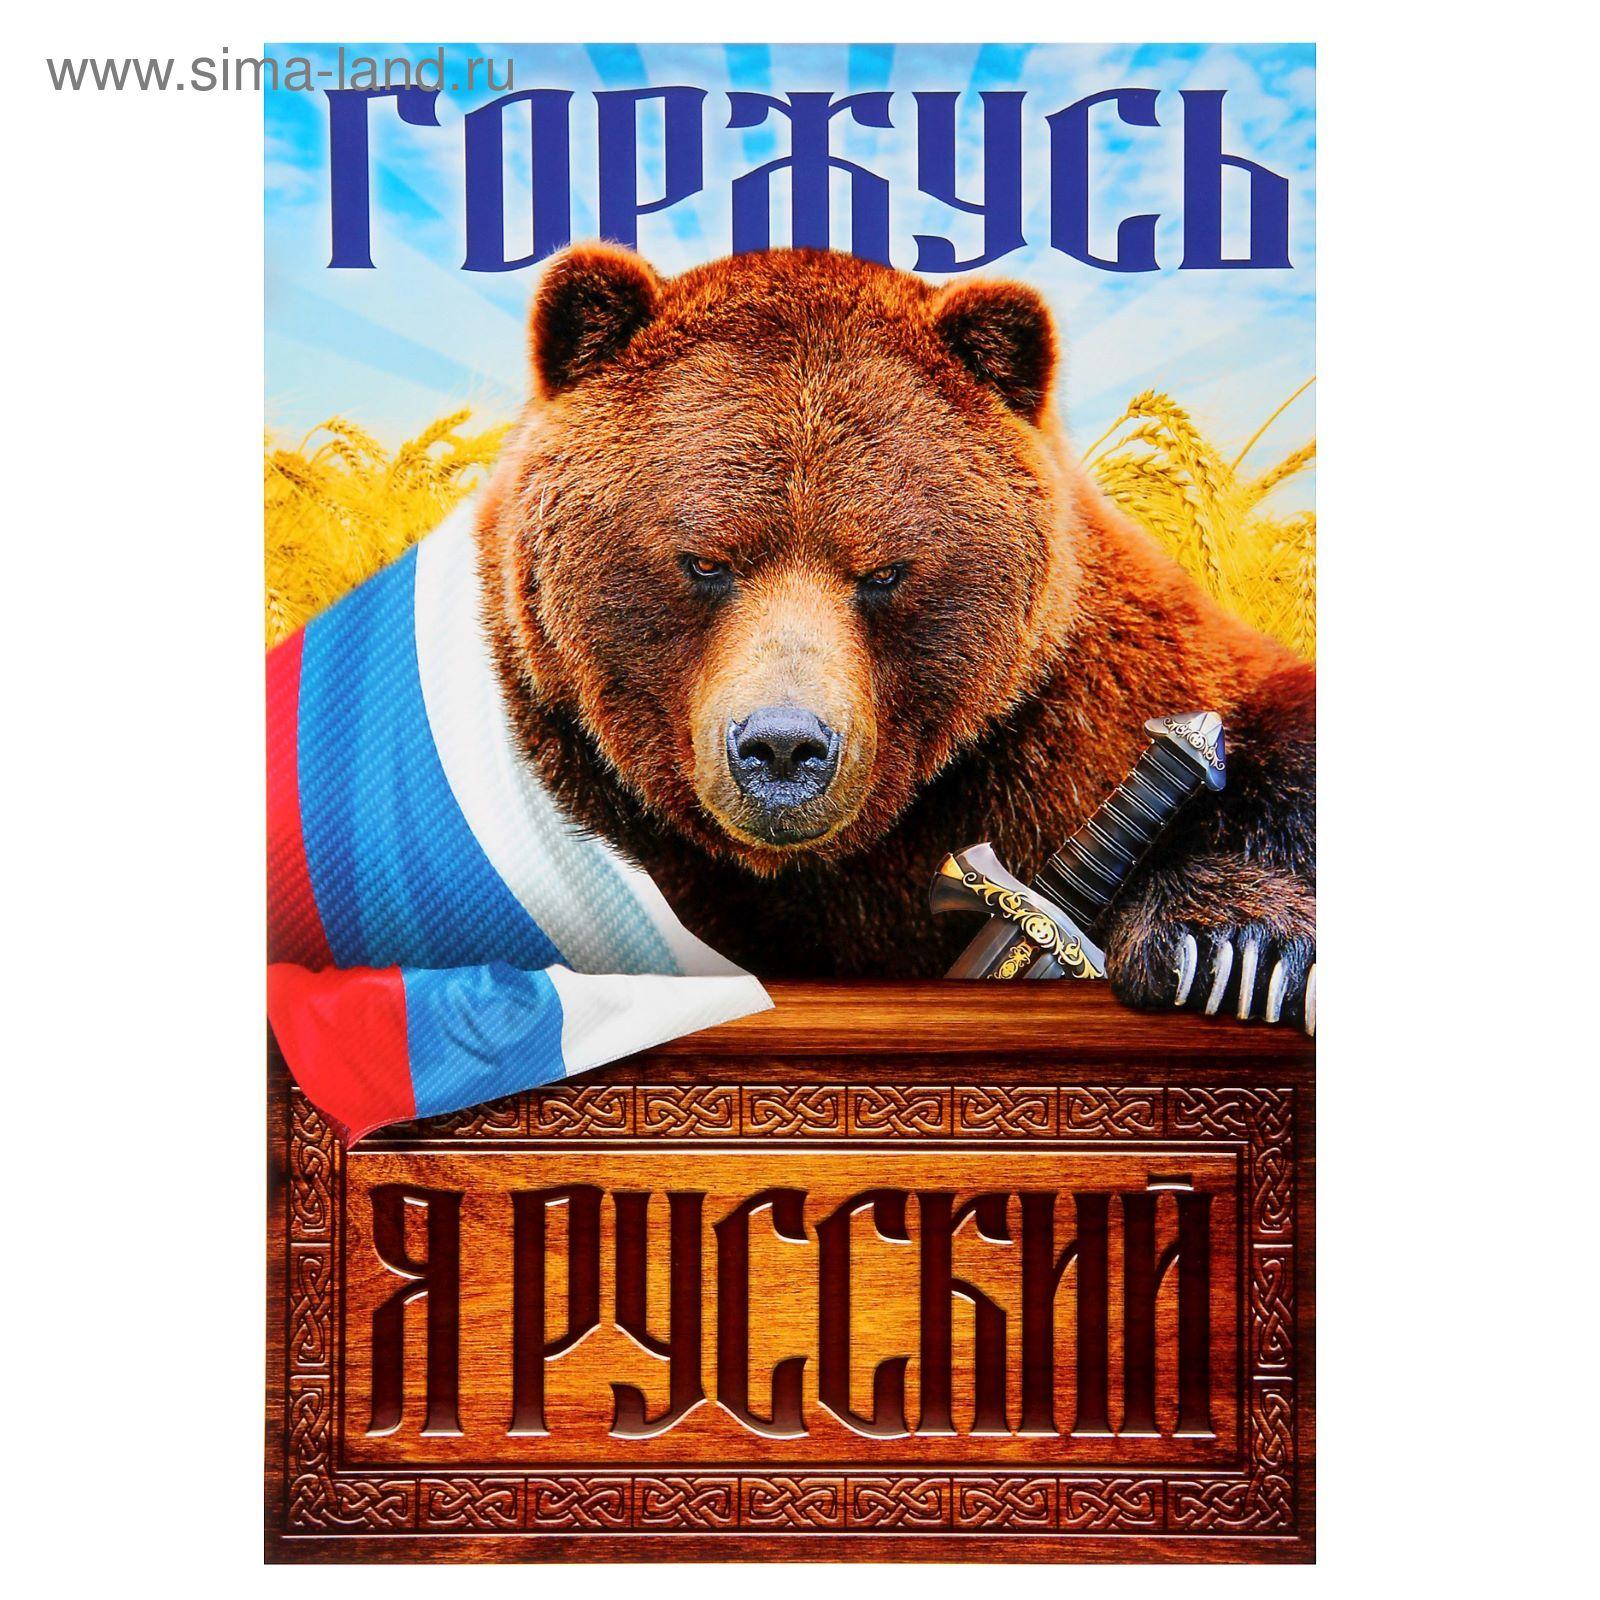 Картинки медведя с надписью россия, ананасом прикольные приколы